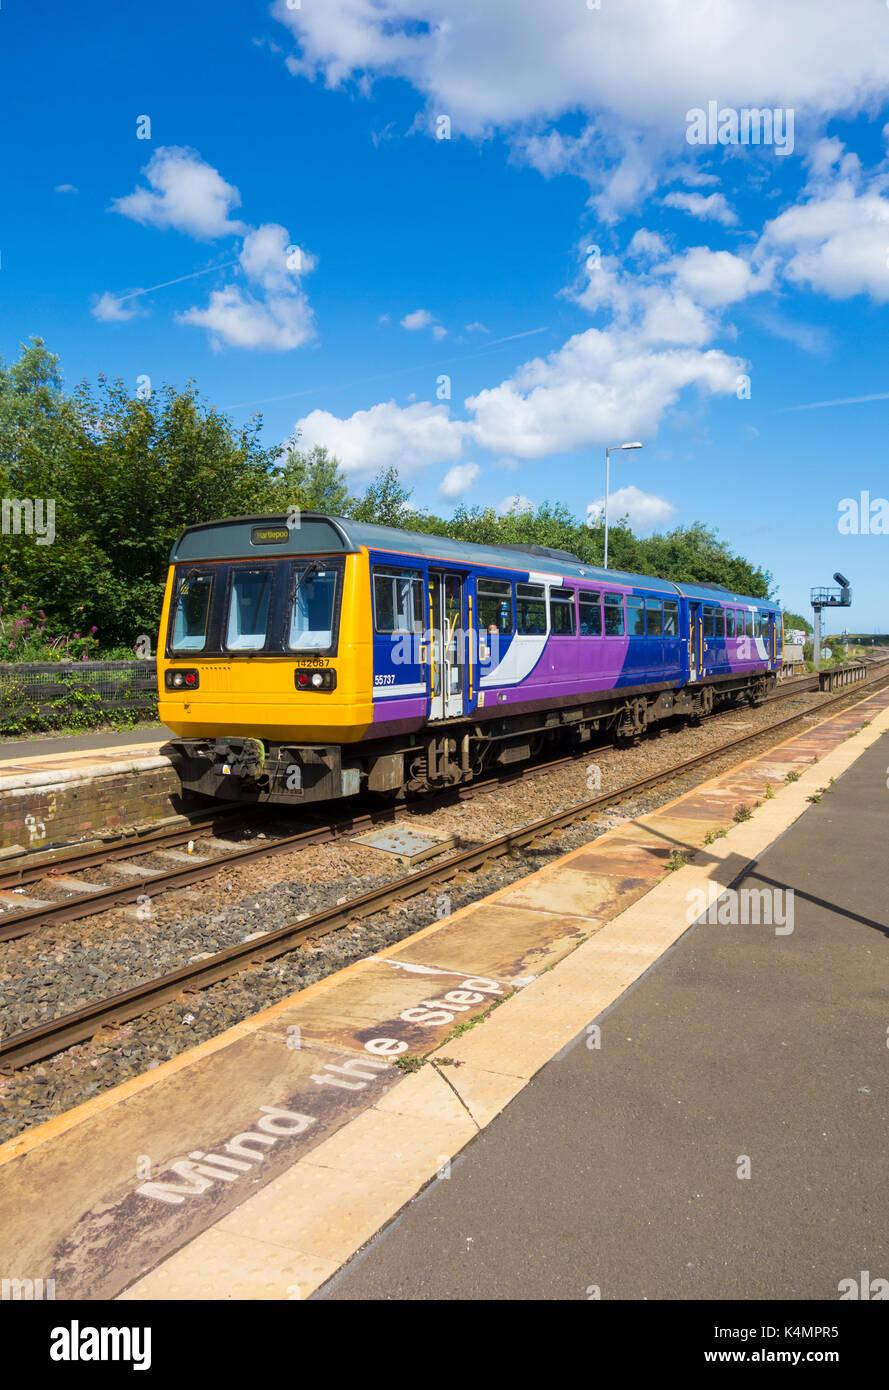 Northern Line Klasse 144 Pacer Zug auf der East Coast Line verlassen Seaton Carew station. Großbritannien Stockbild